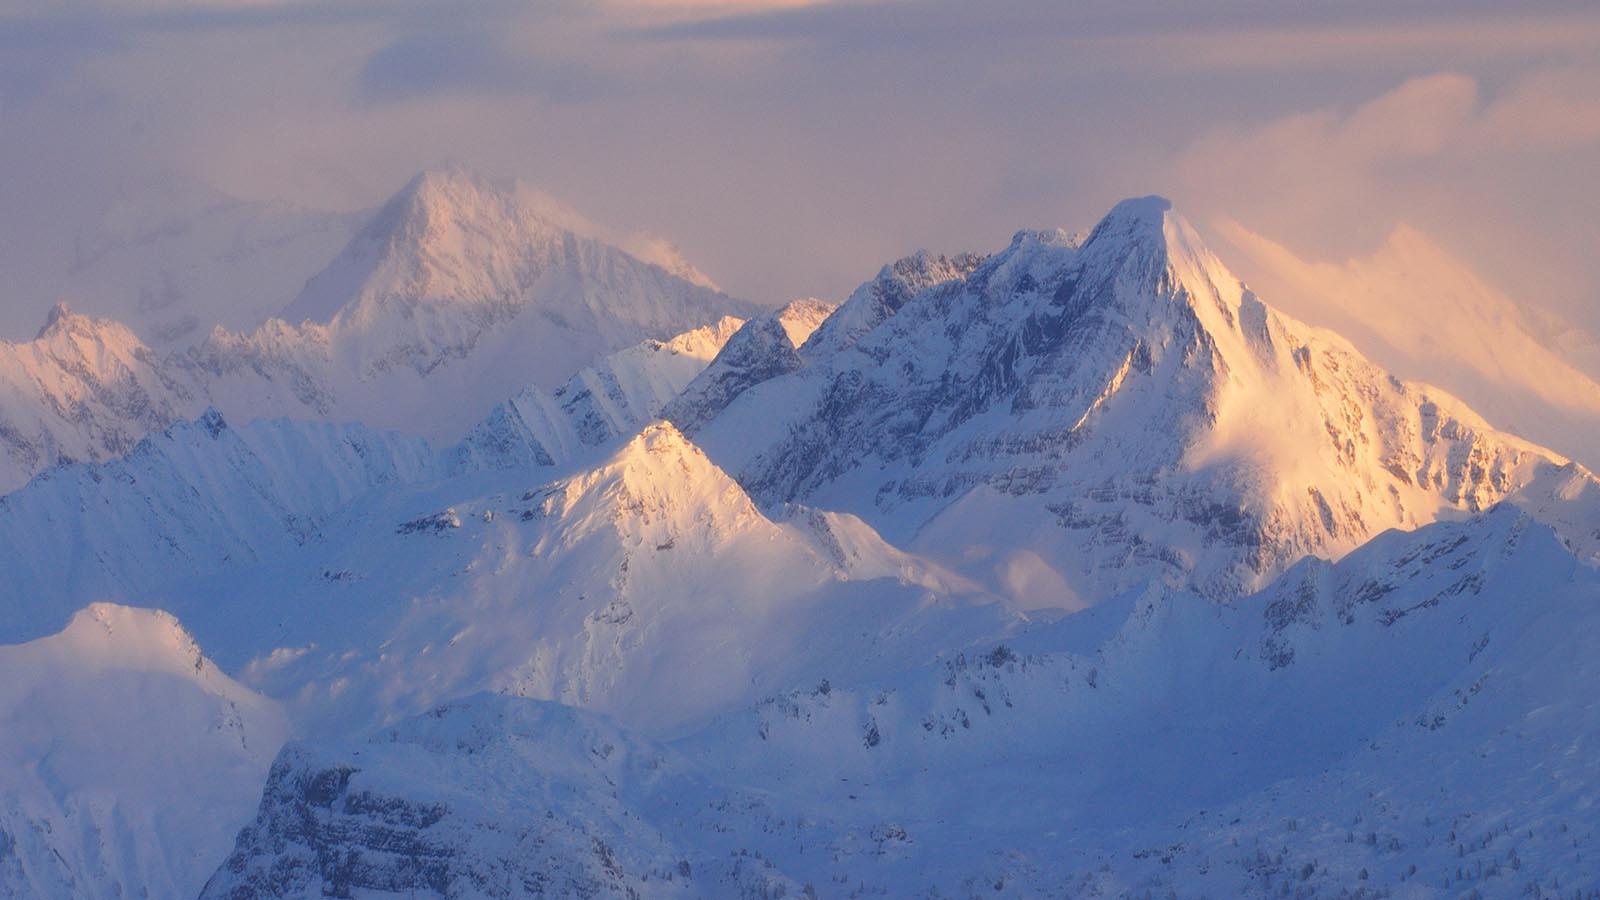 Mayrhofen landscapes